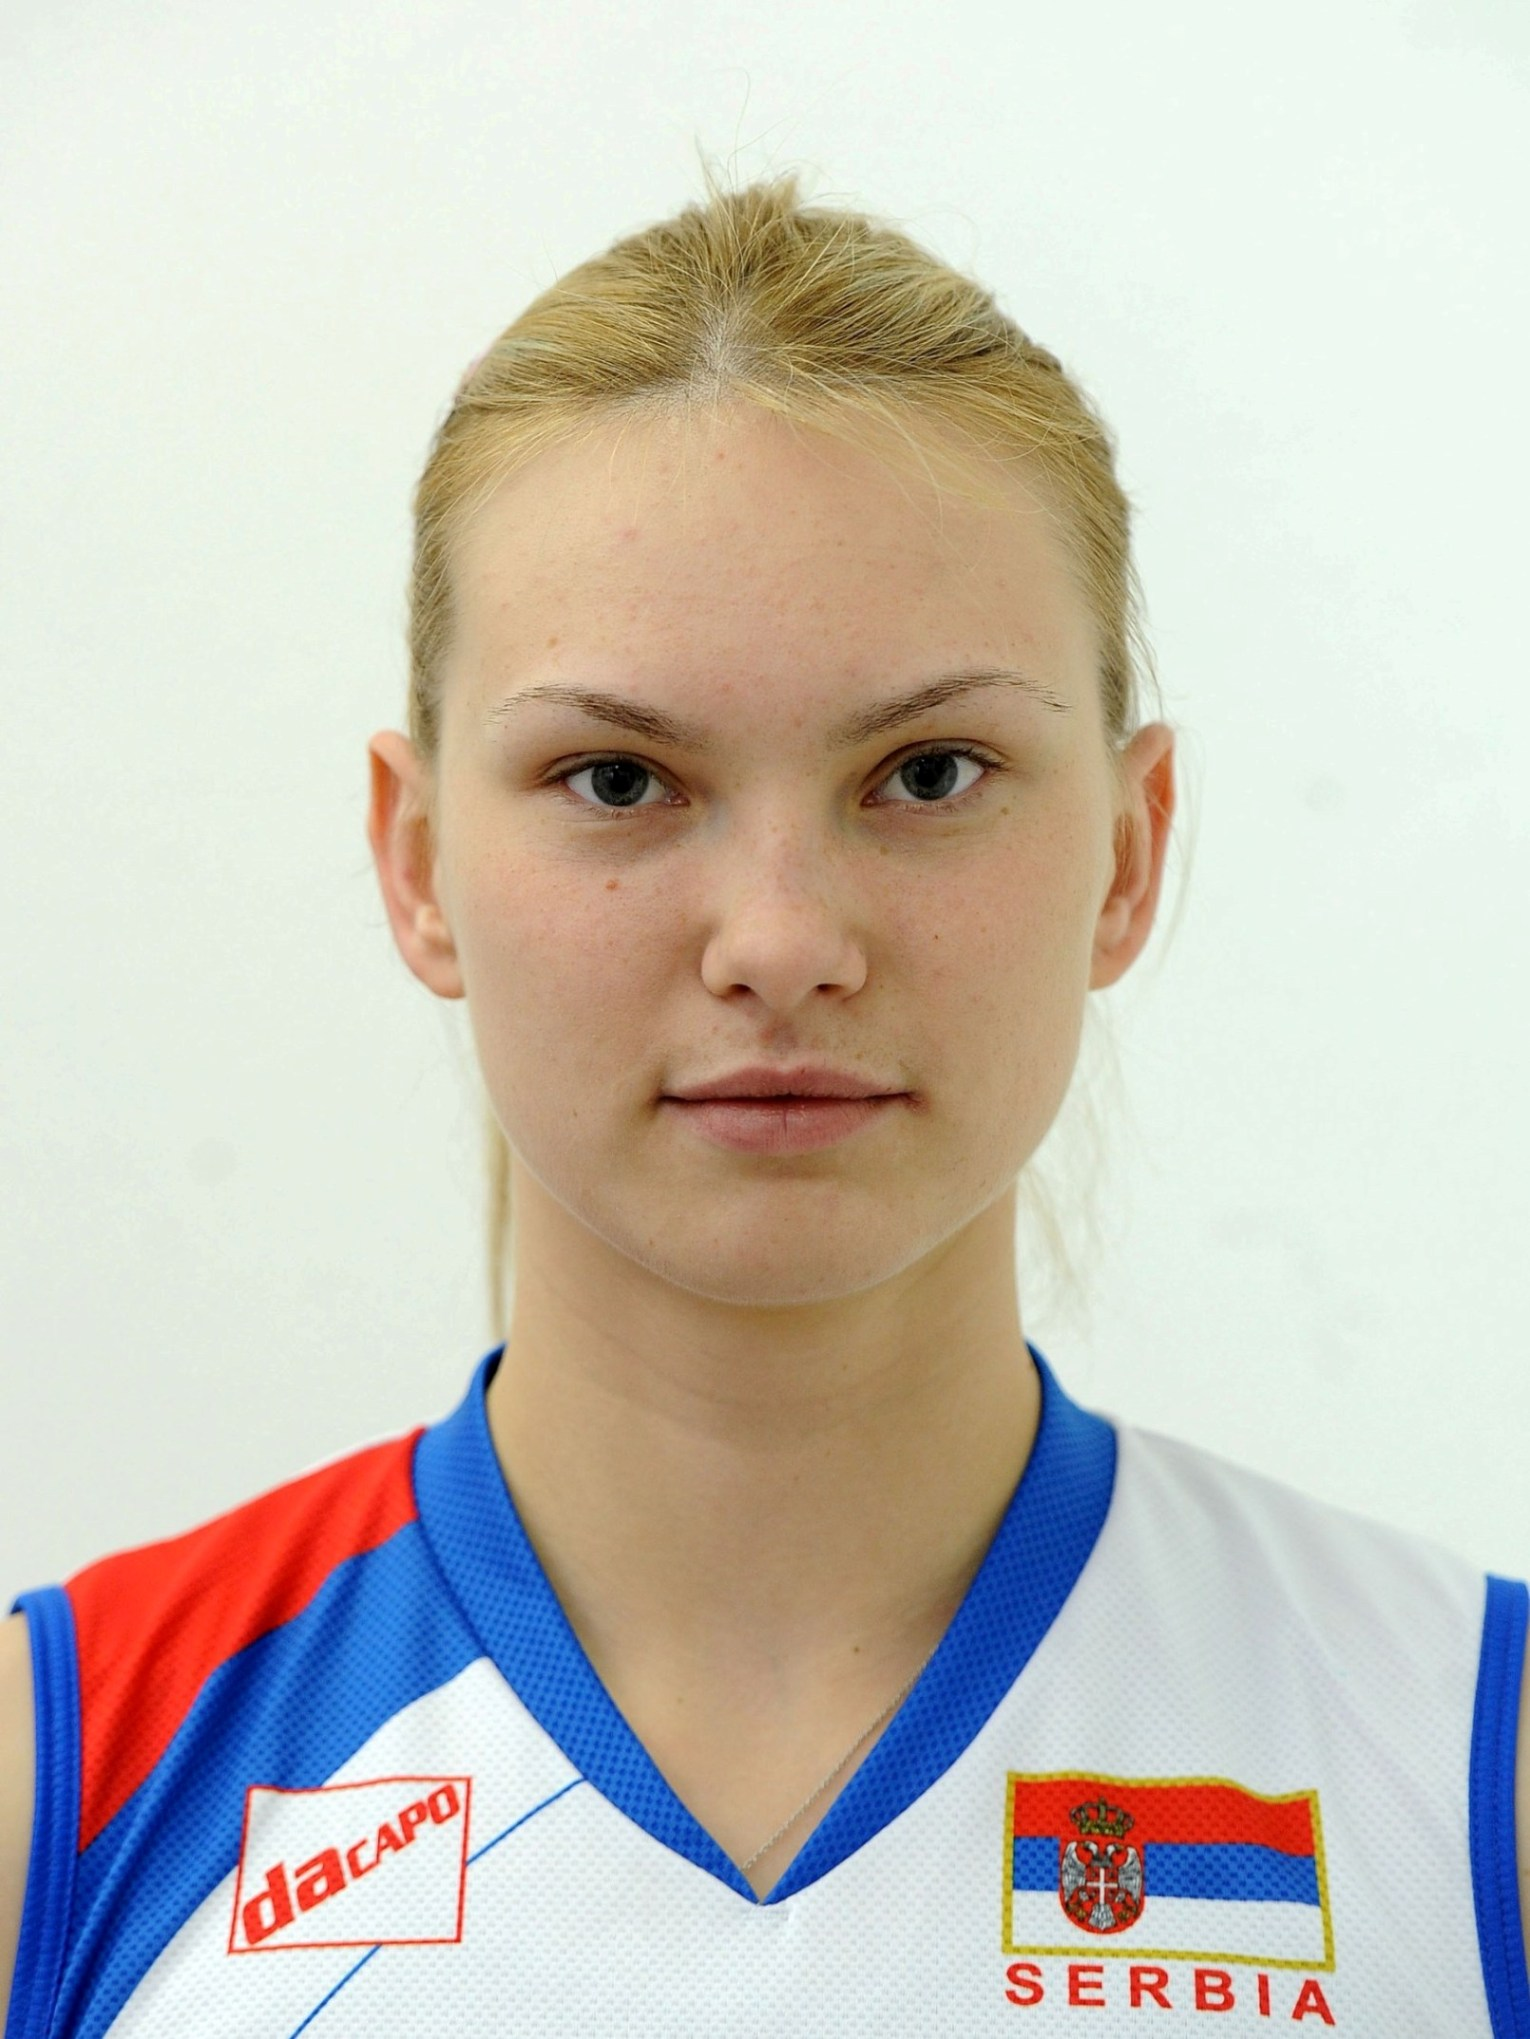 Maja Savic